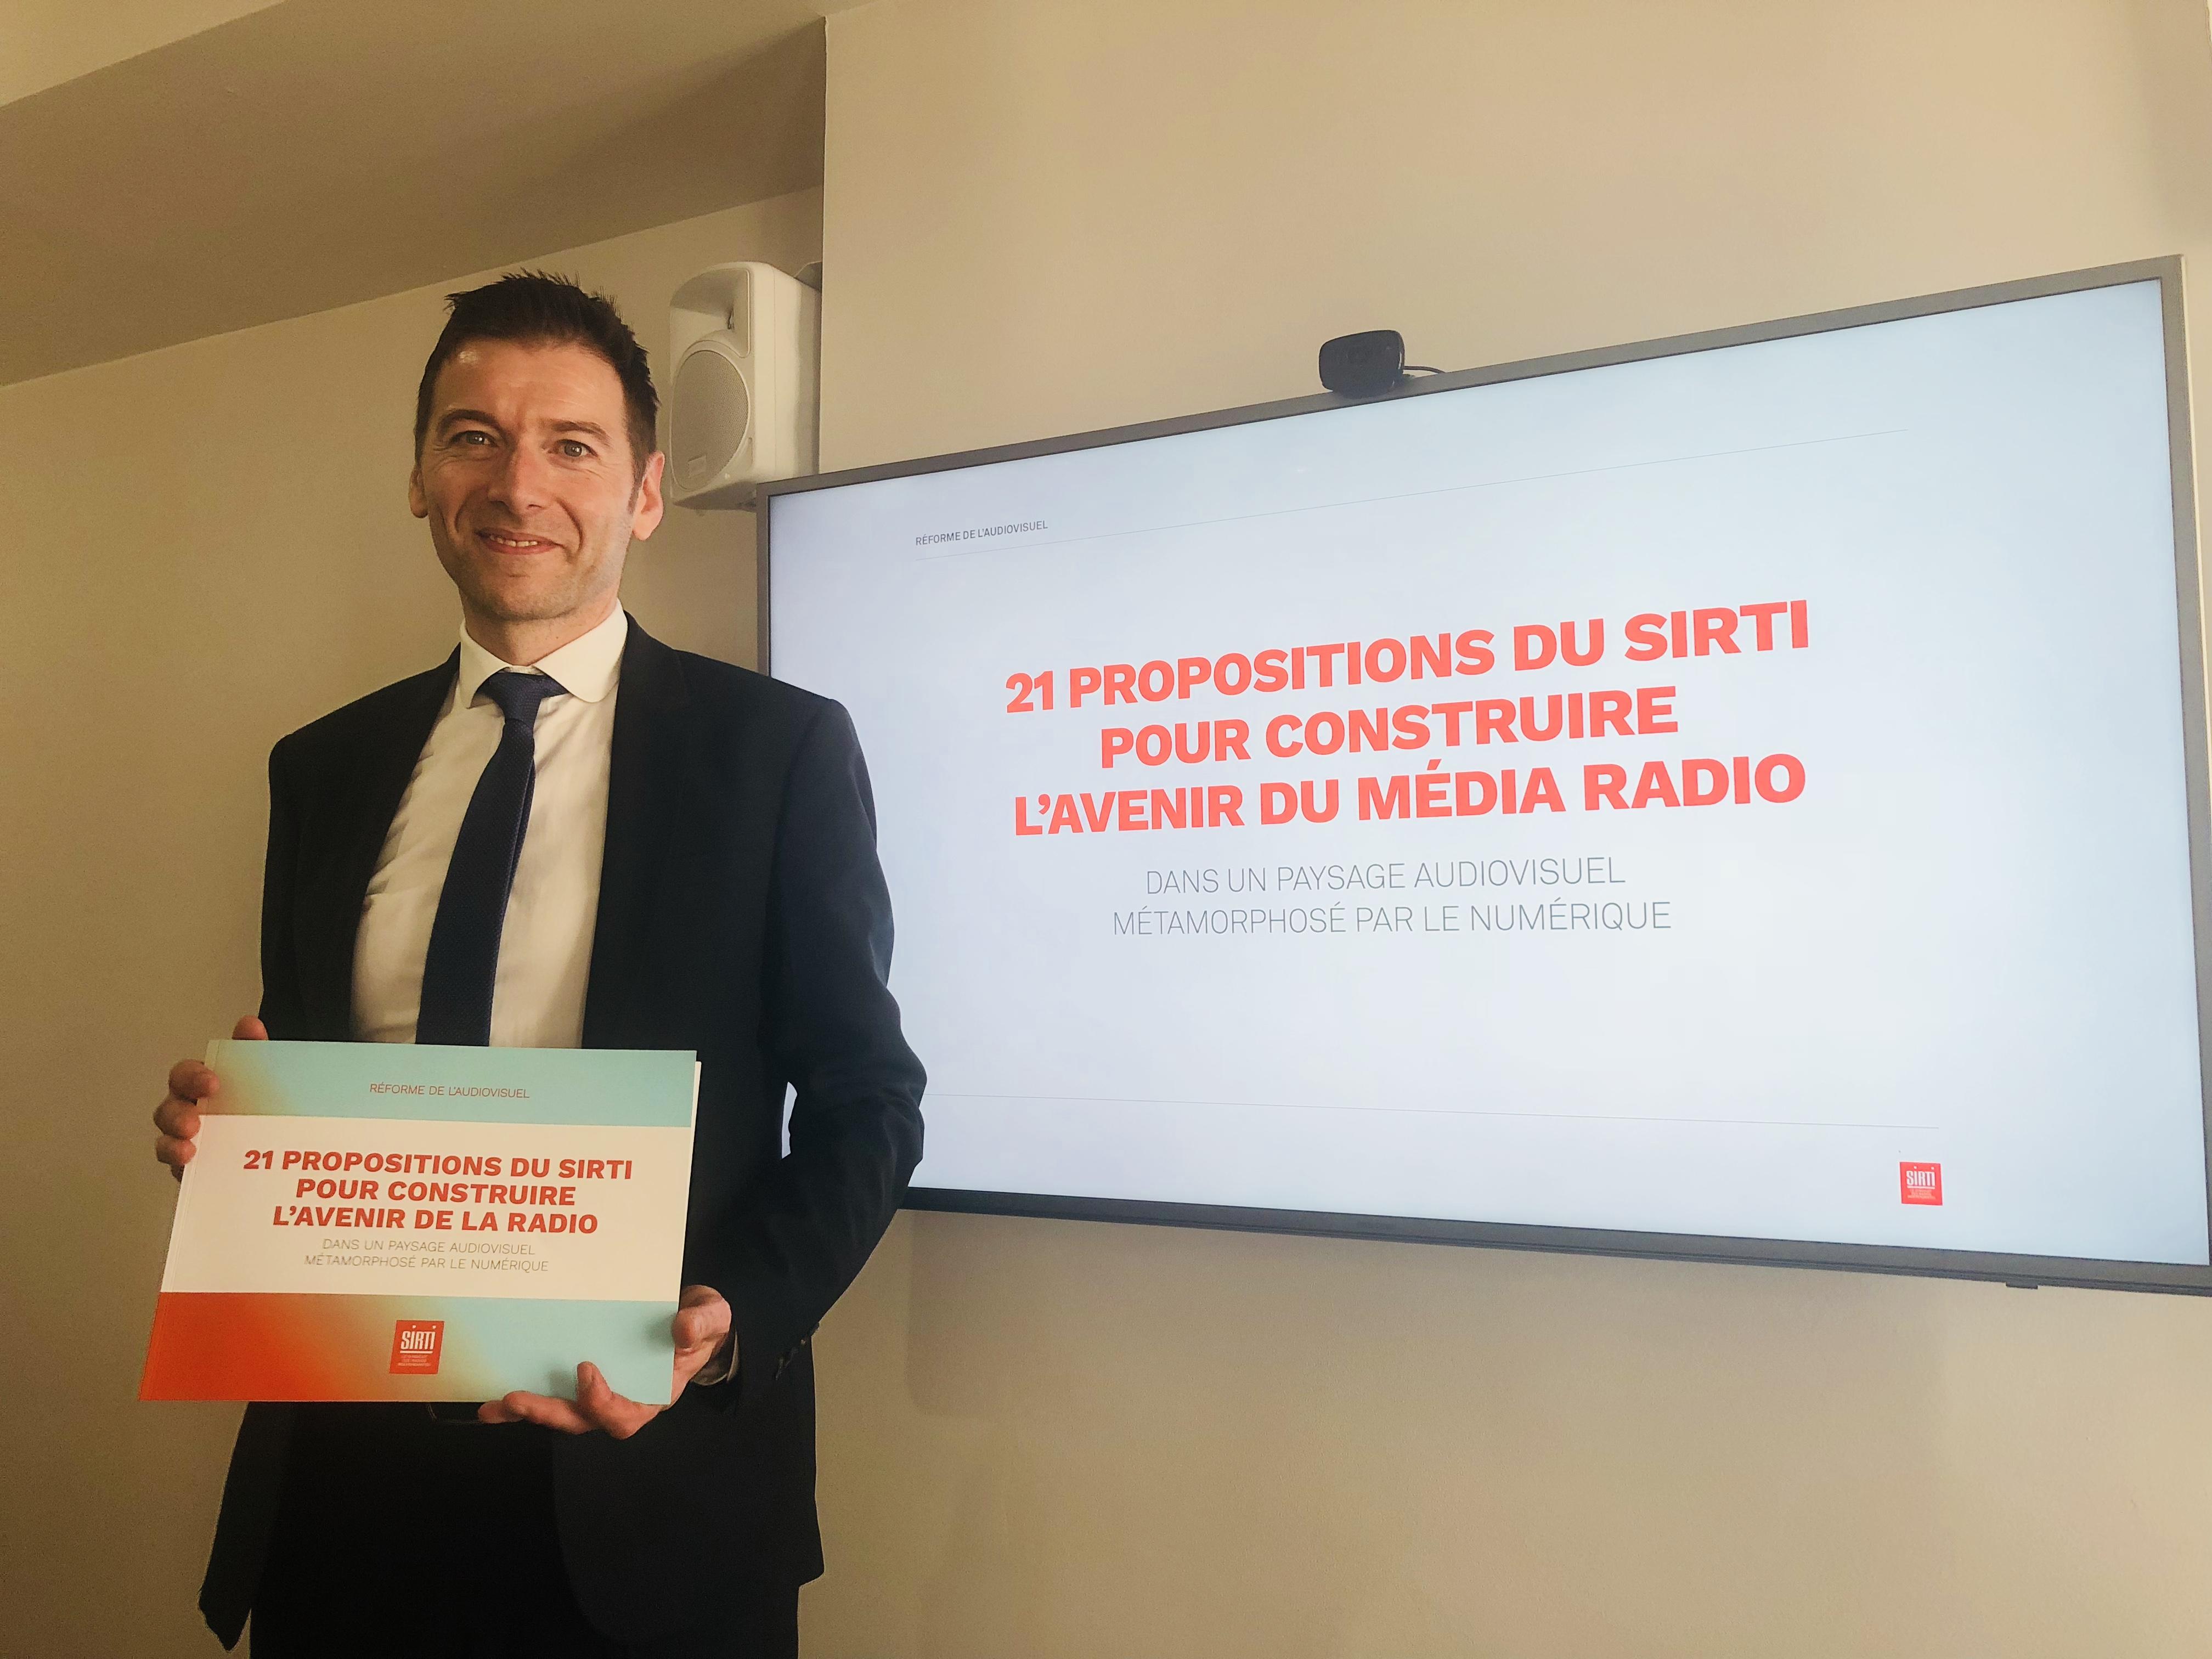 Alain Liberty a présenté les 21 propositions du SIRTI qui seront remises à la commission parlementaire